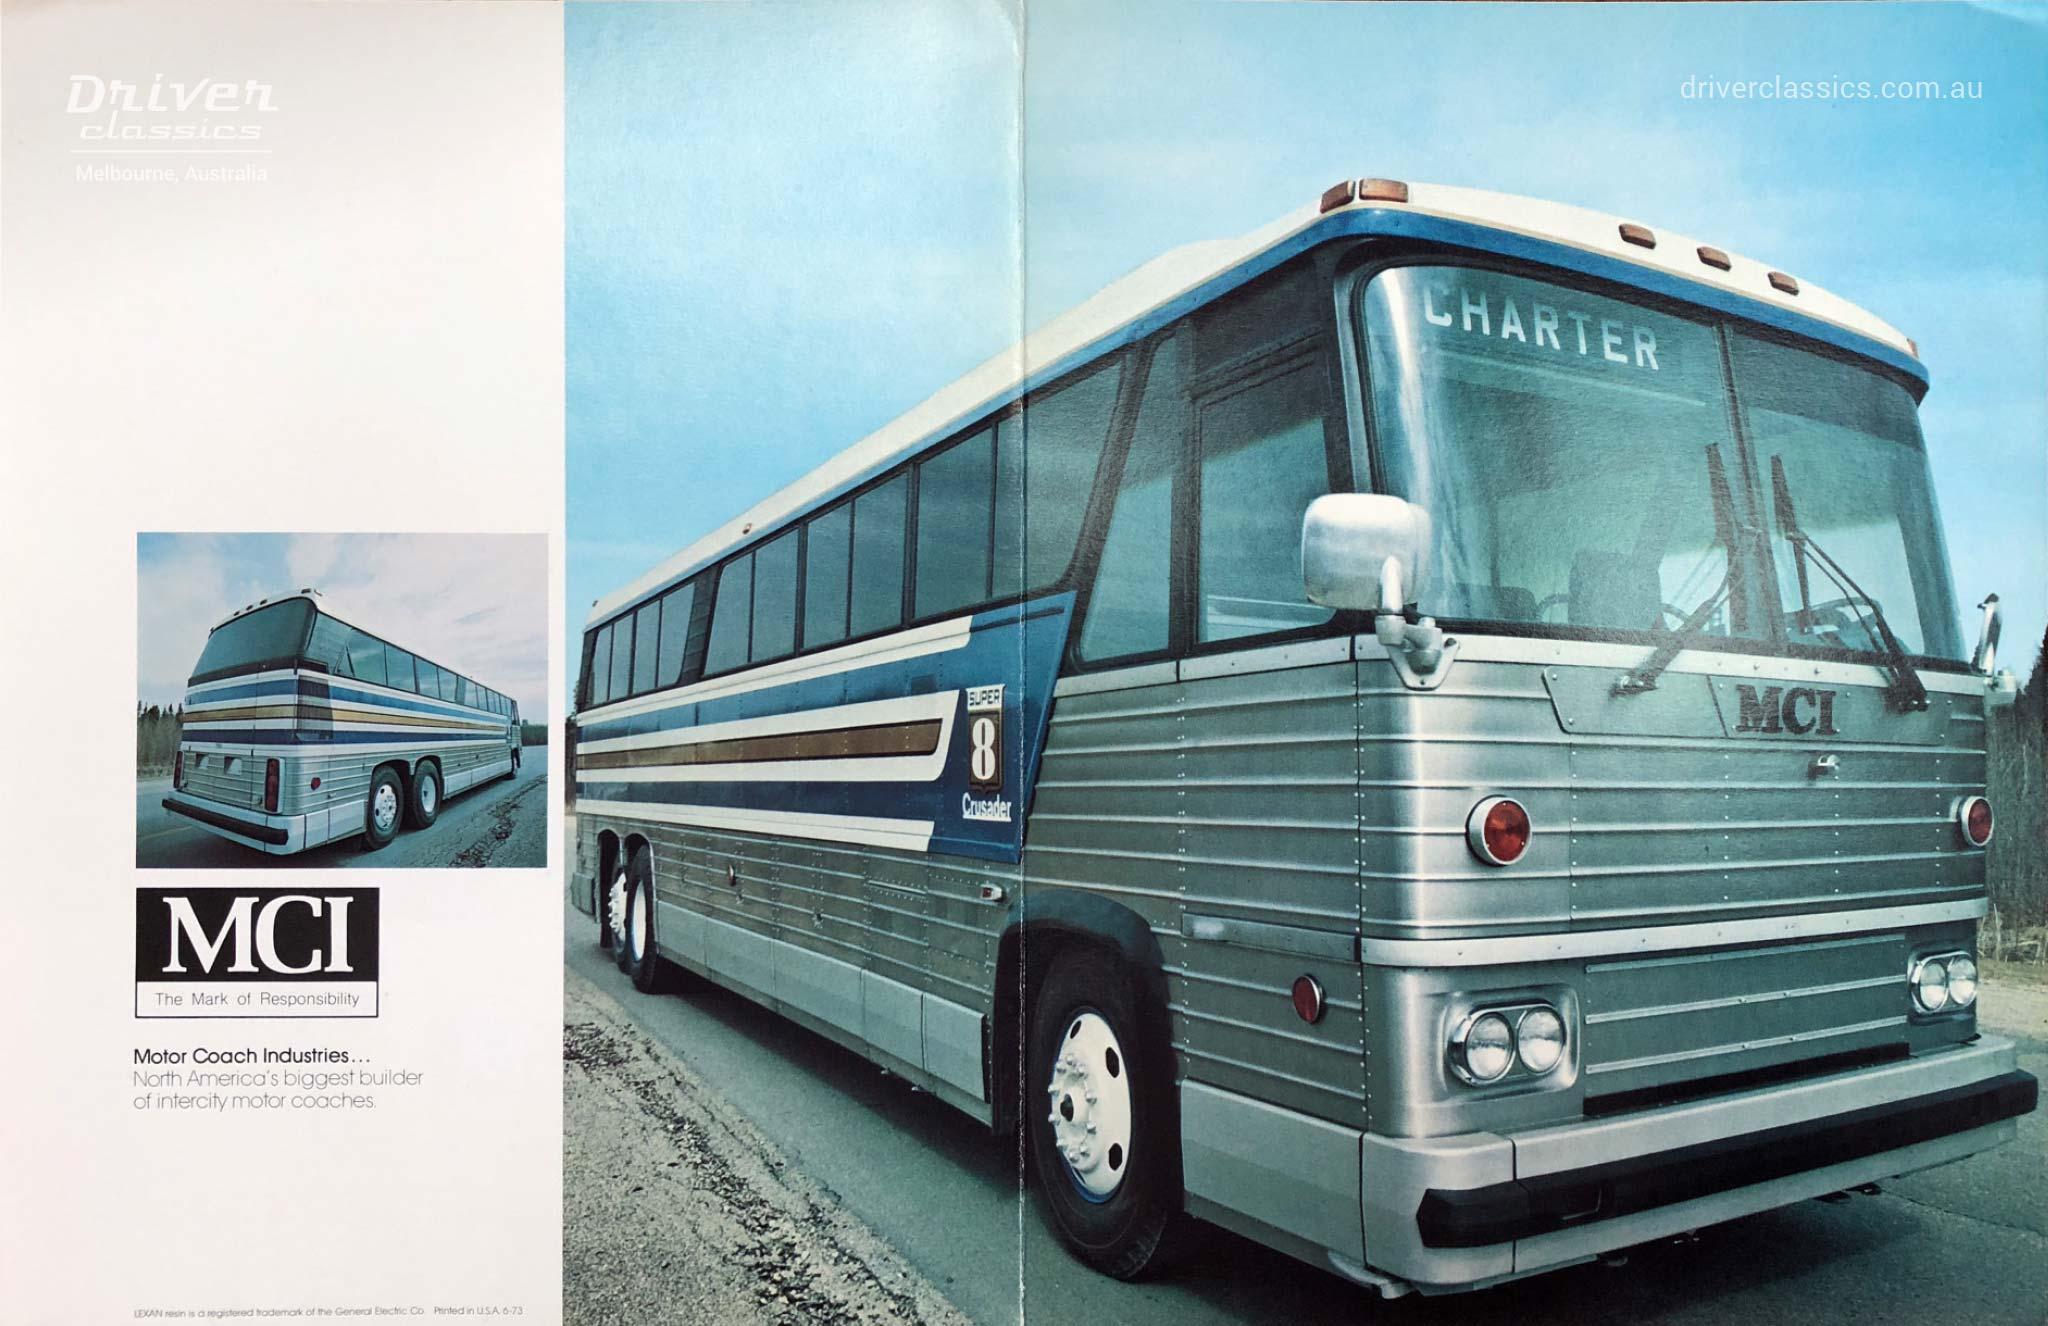 MCI MC8 bus, 1973 version, Brochure Cover